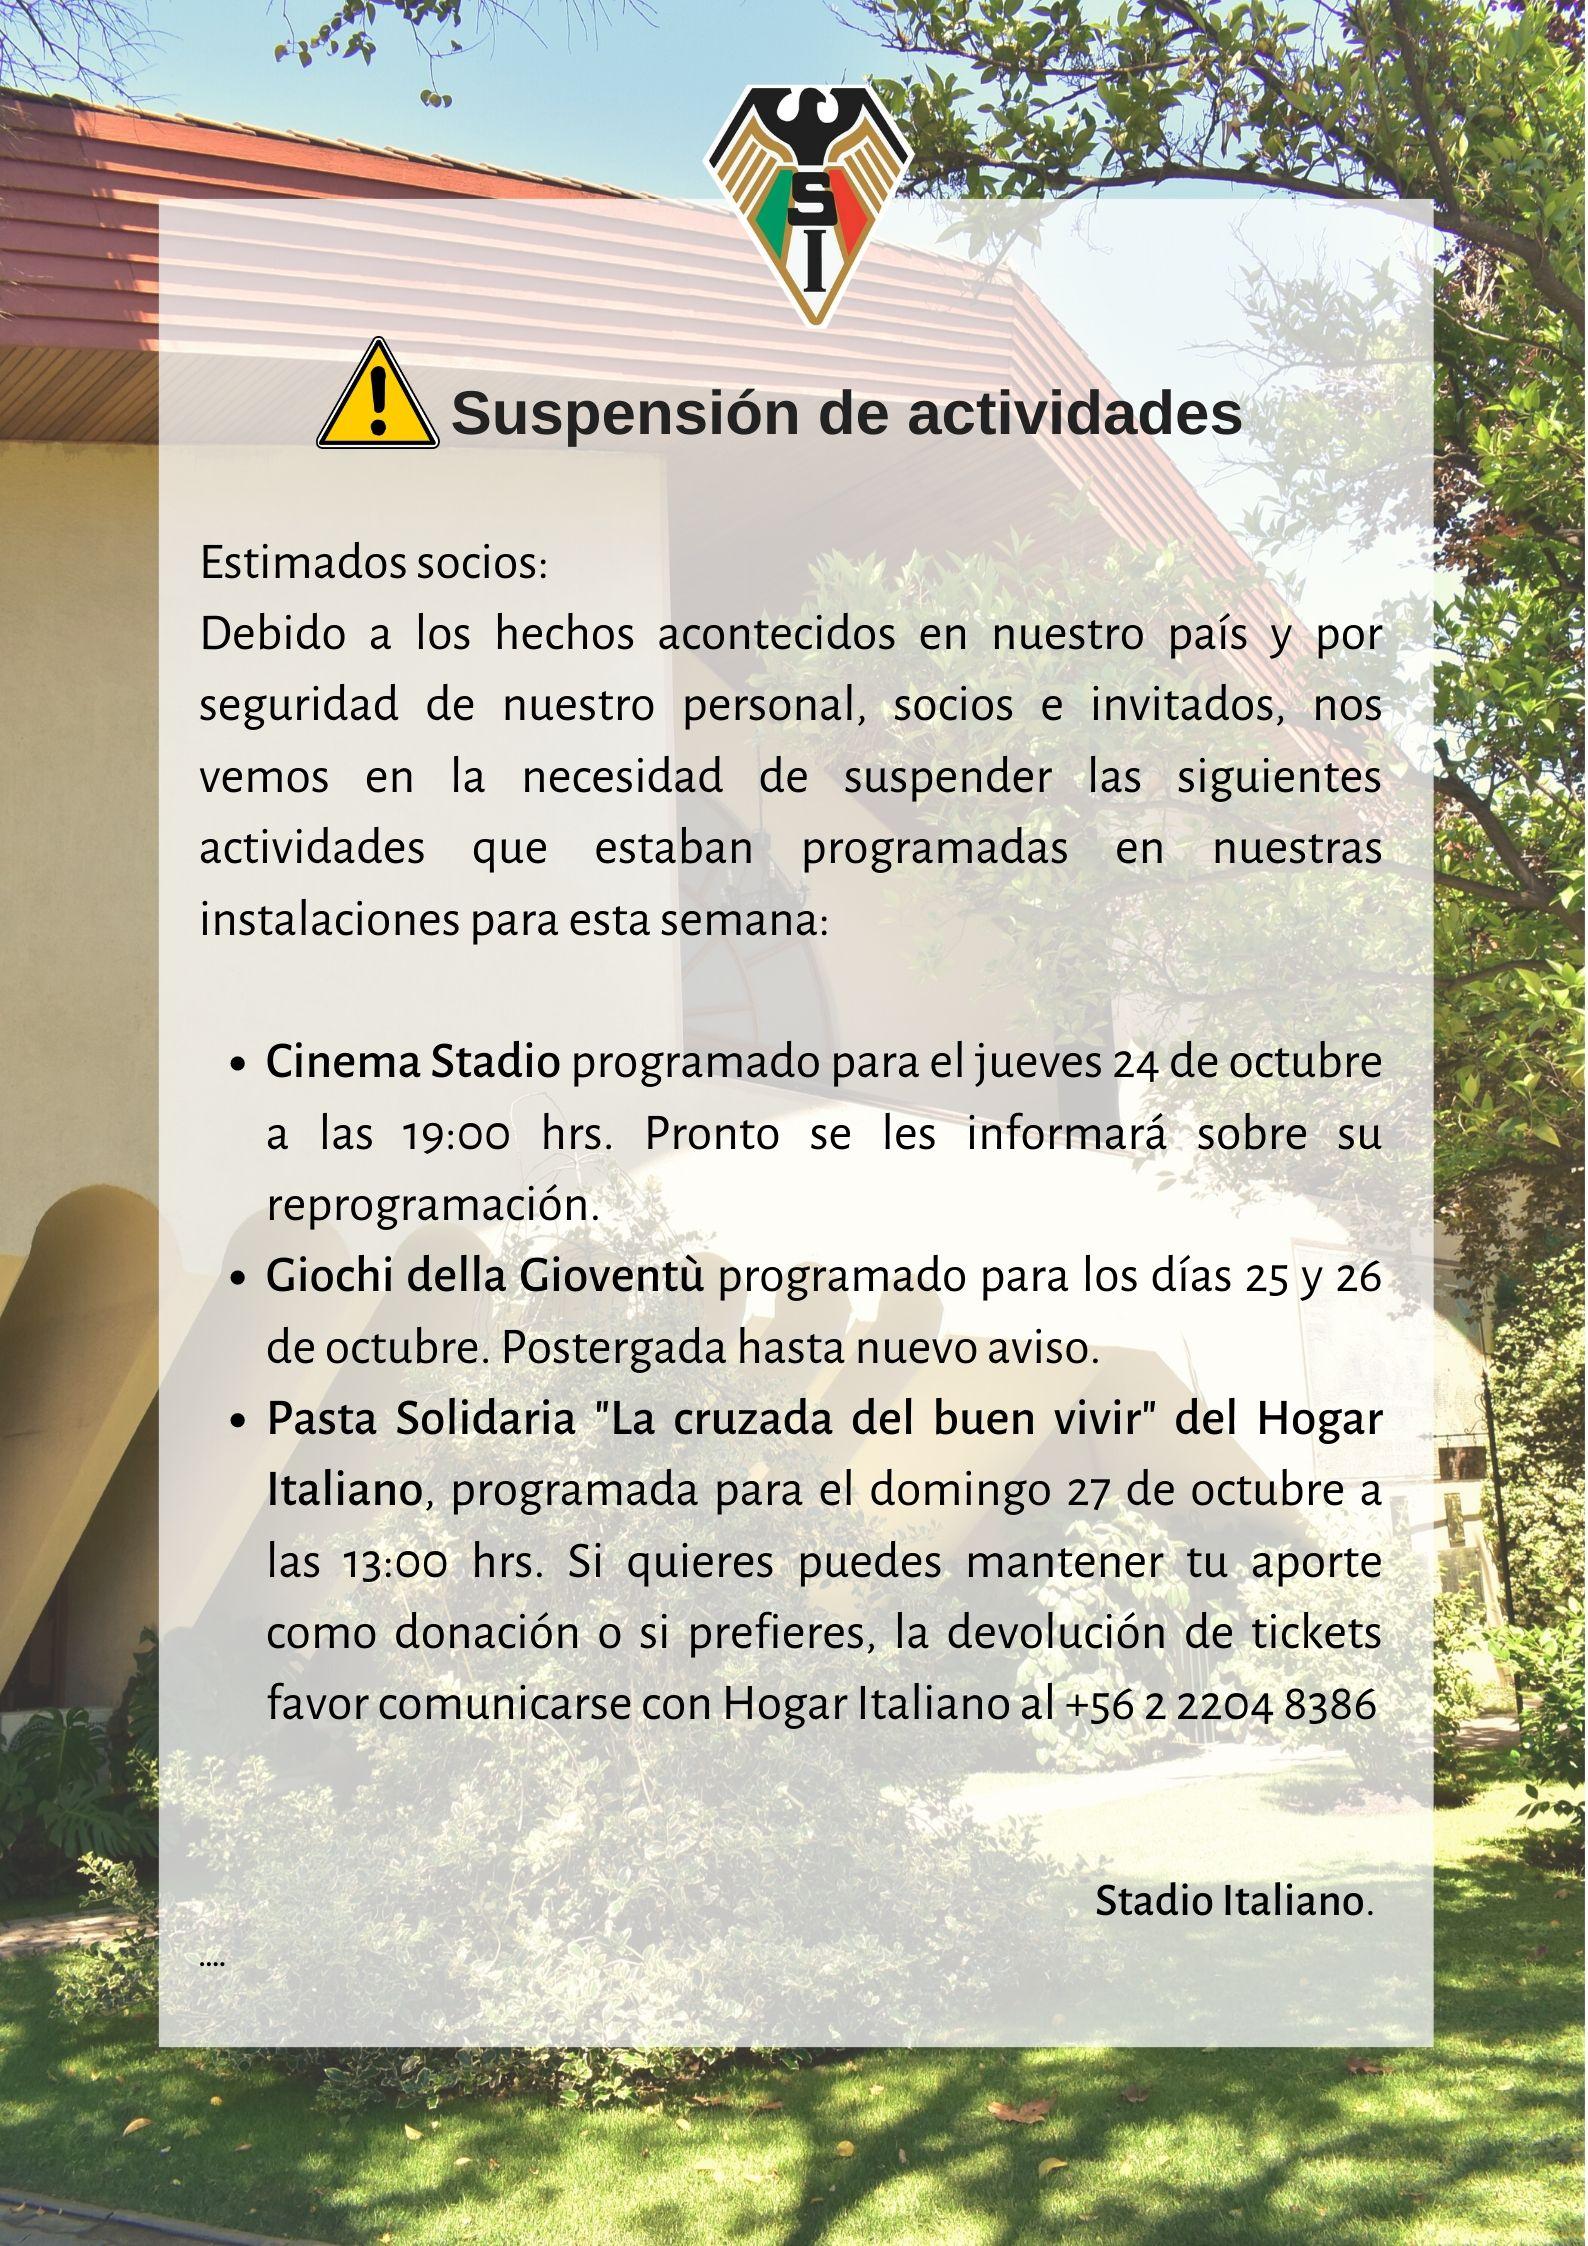 suspension-actividades (3)